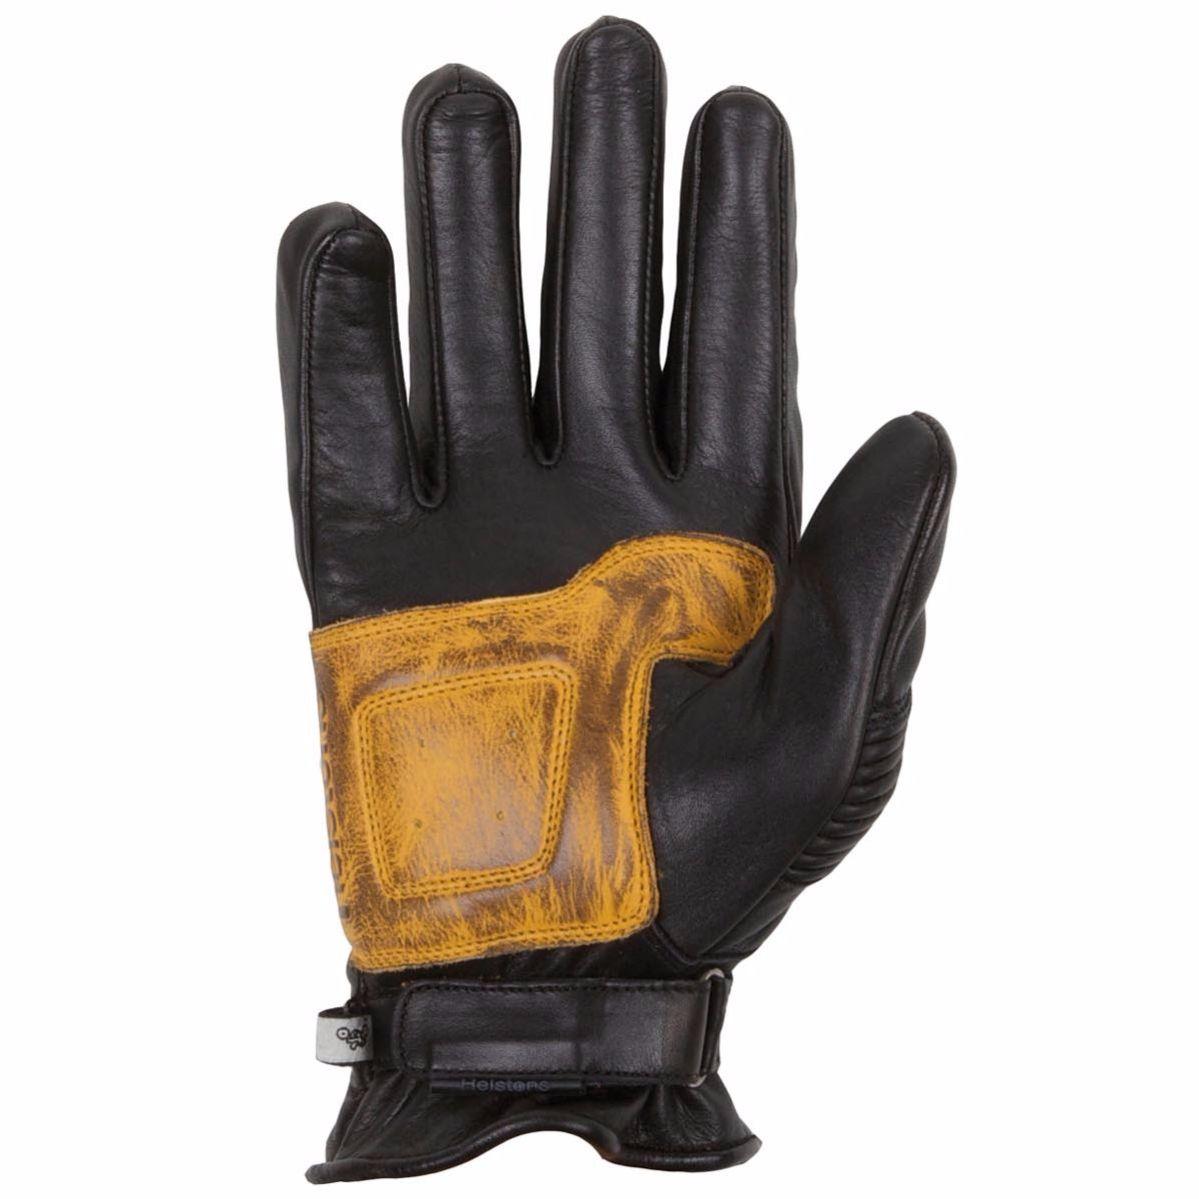 gants helstons velvet cuir soft gants moto. Black Bedroom Furniture Sets. Home Design Ideas